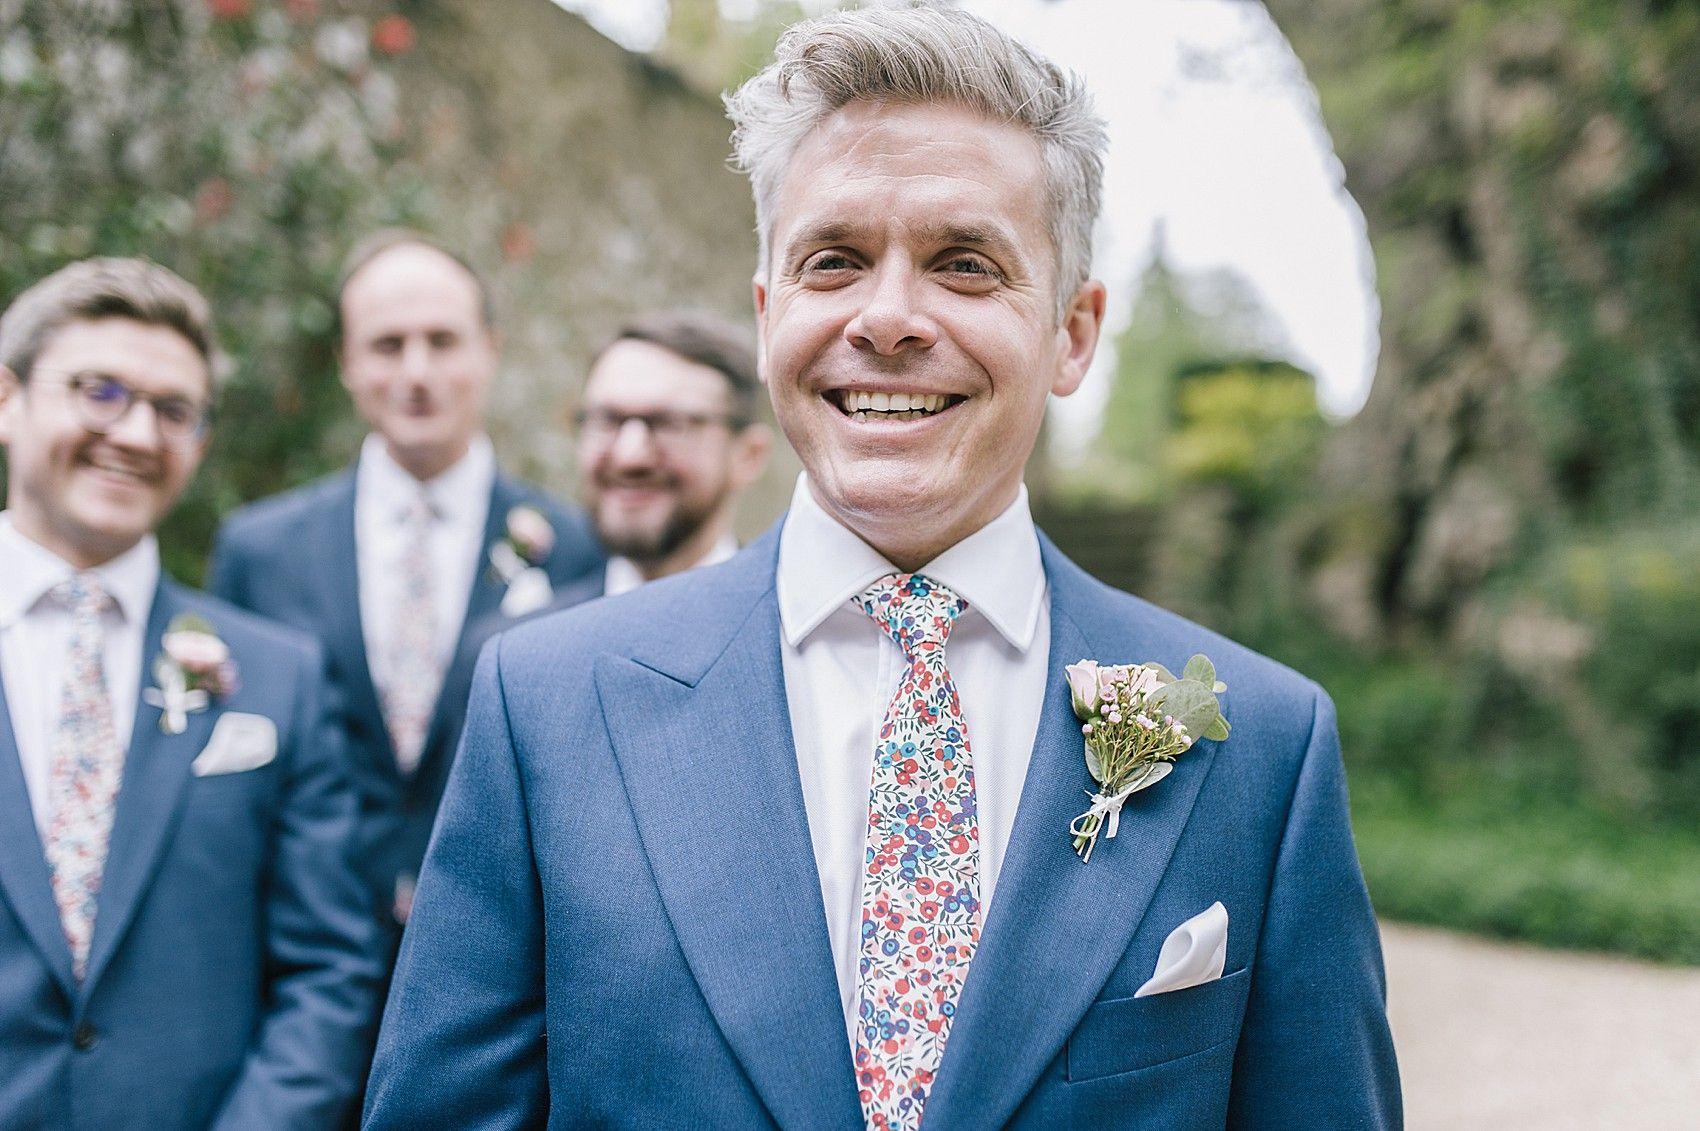 Real weddings Liberty print ties for an English Country Wedding